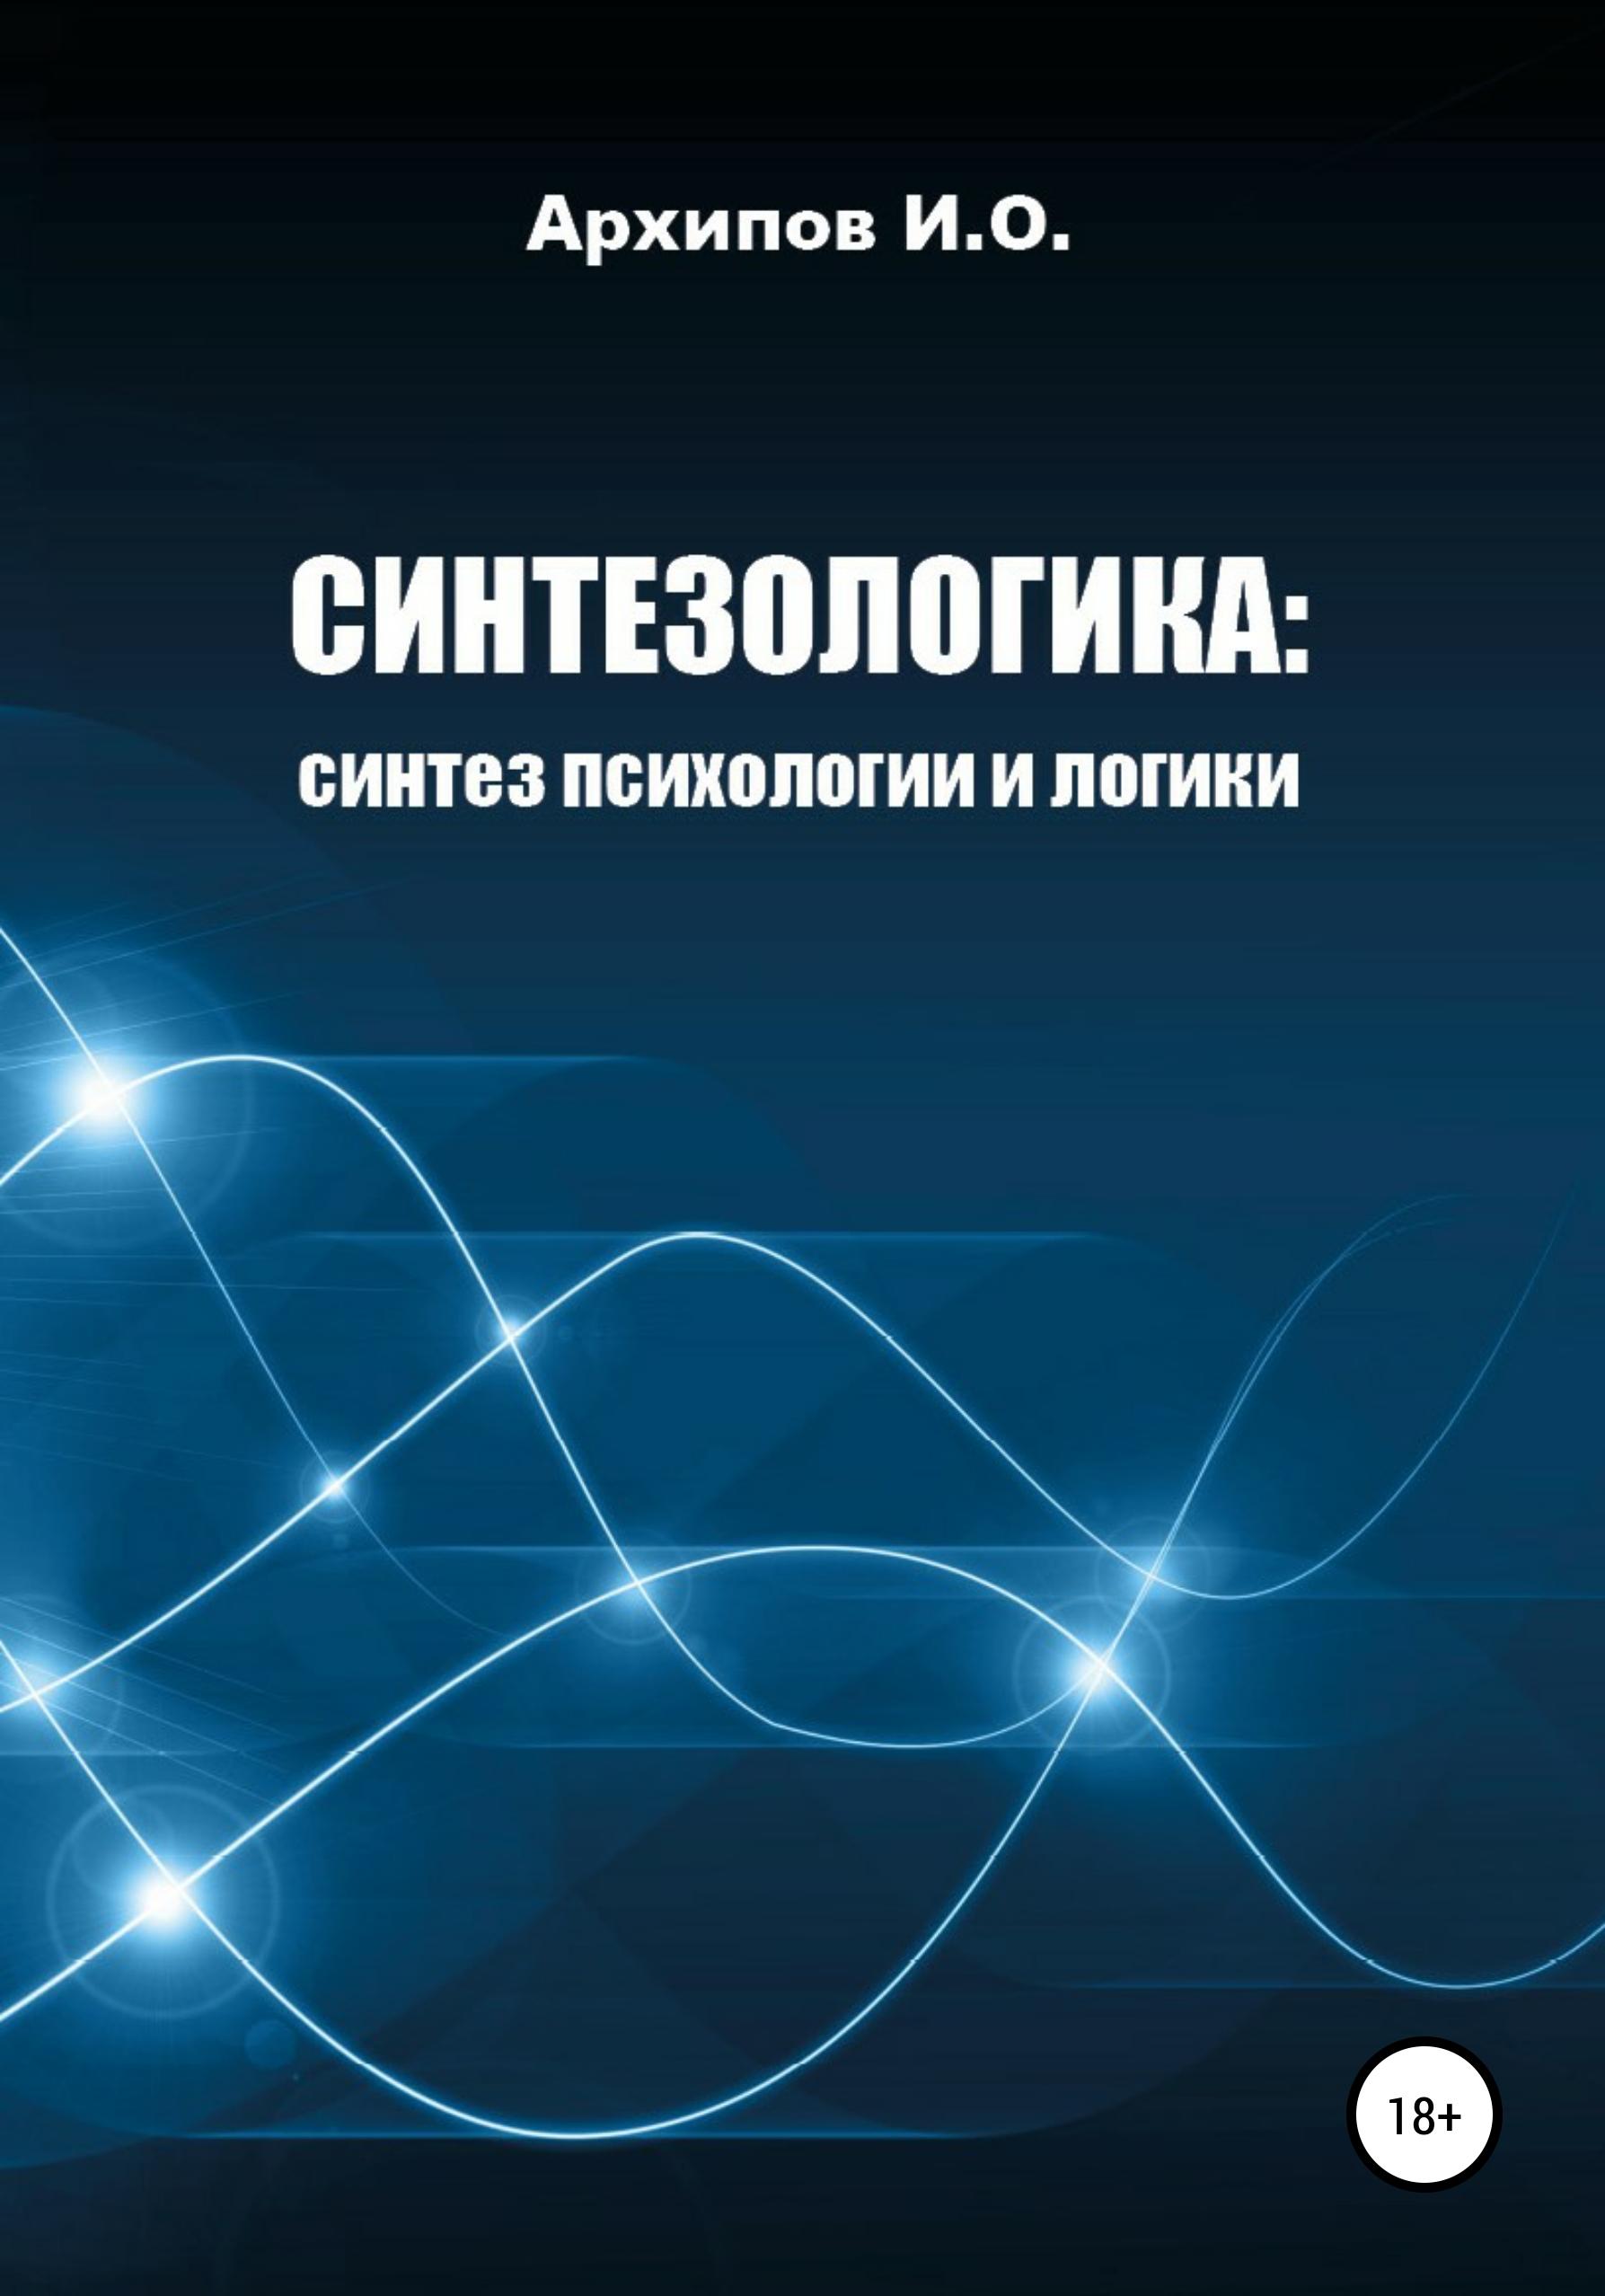 Илья Архипов «Синтезологика: синтез психологии и логики»